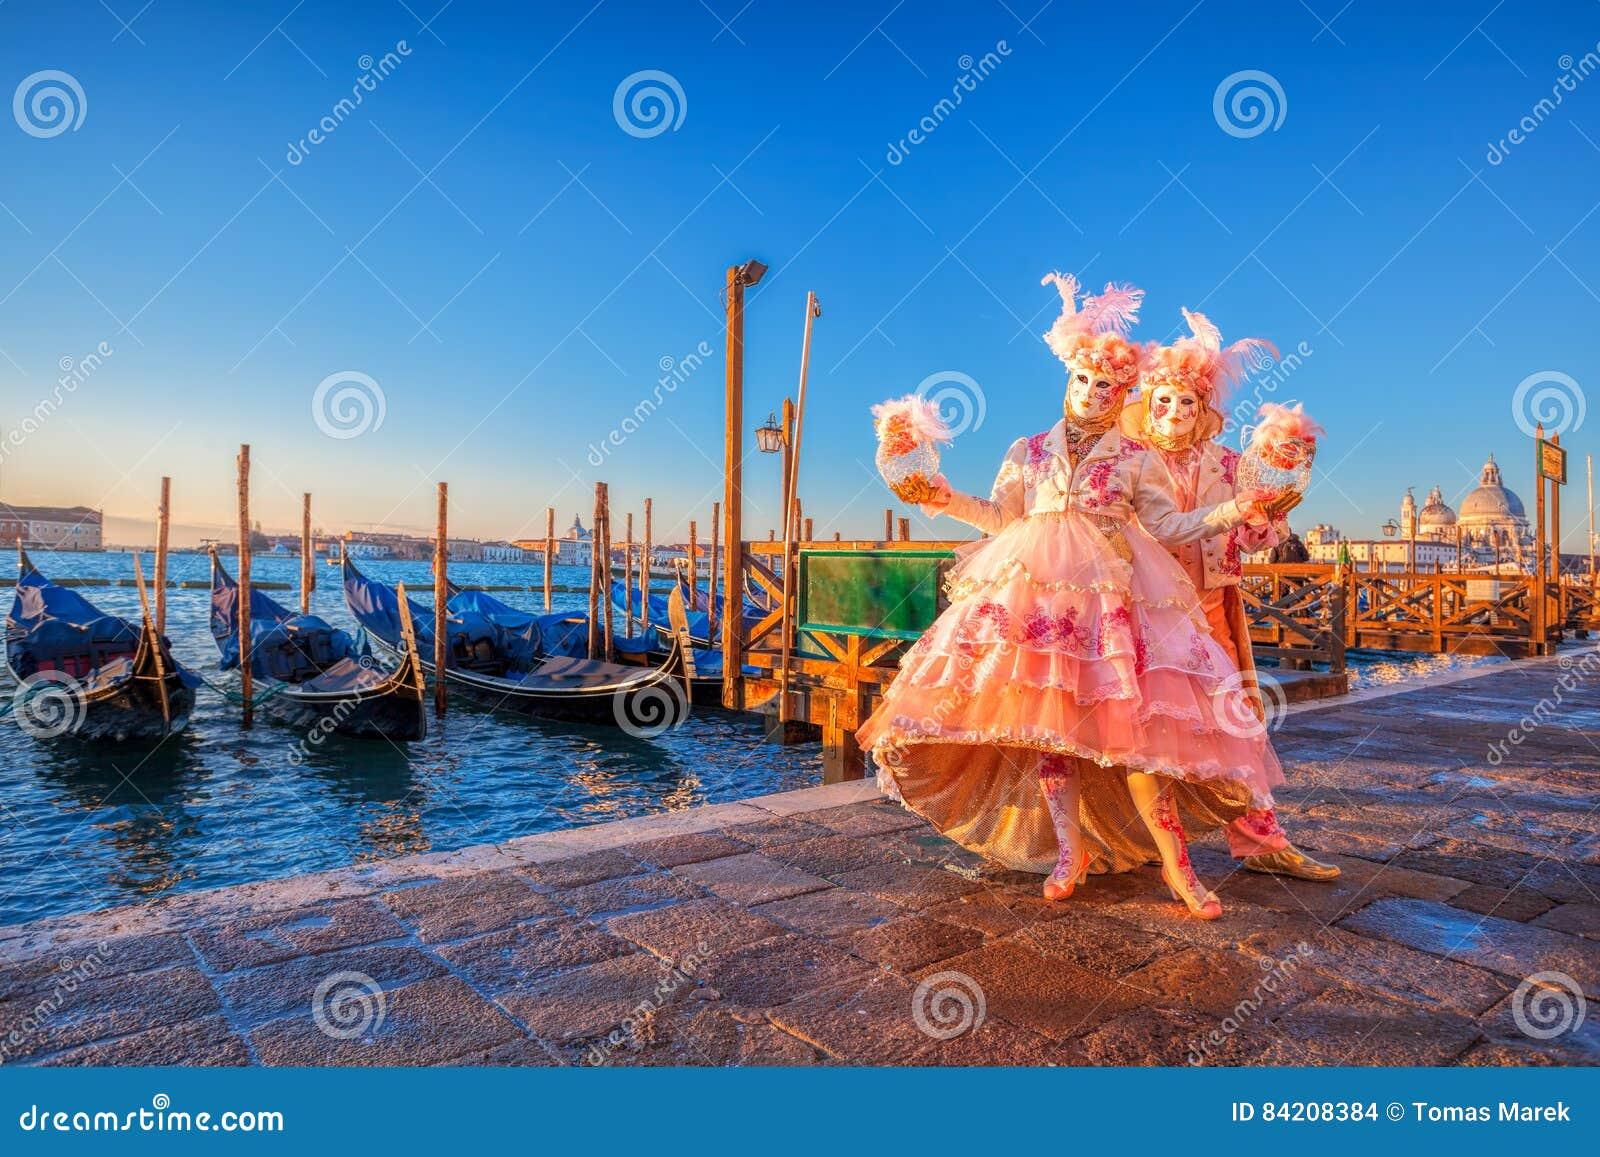 Karnevalmaskeringar mot gondoler i Venedig, Italien